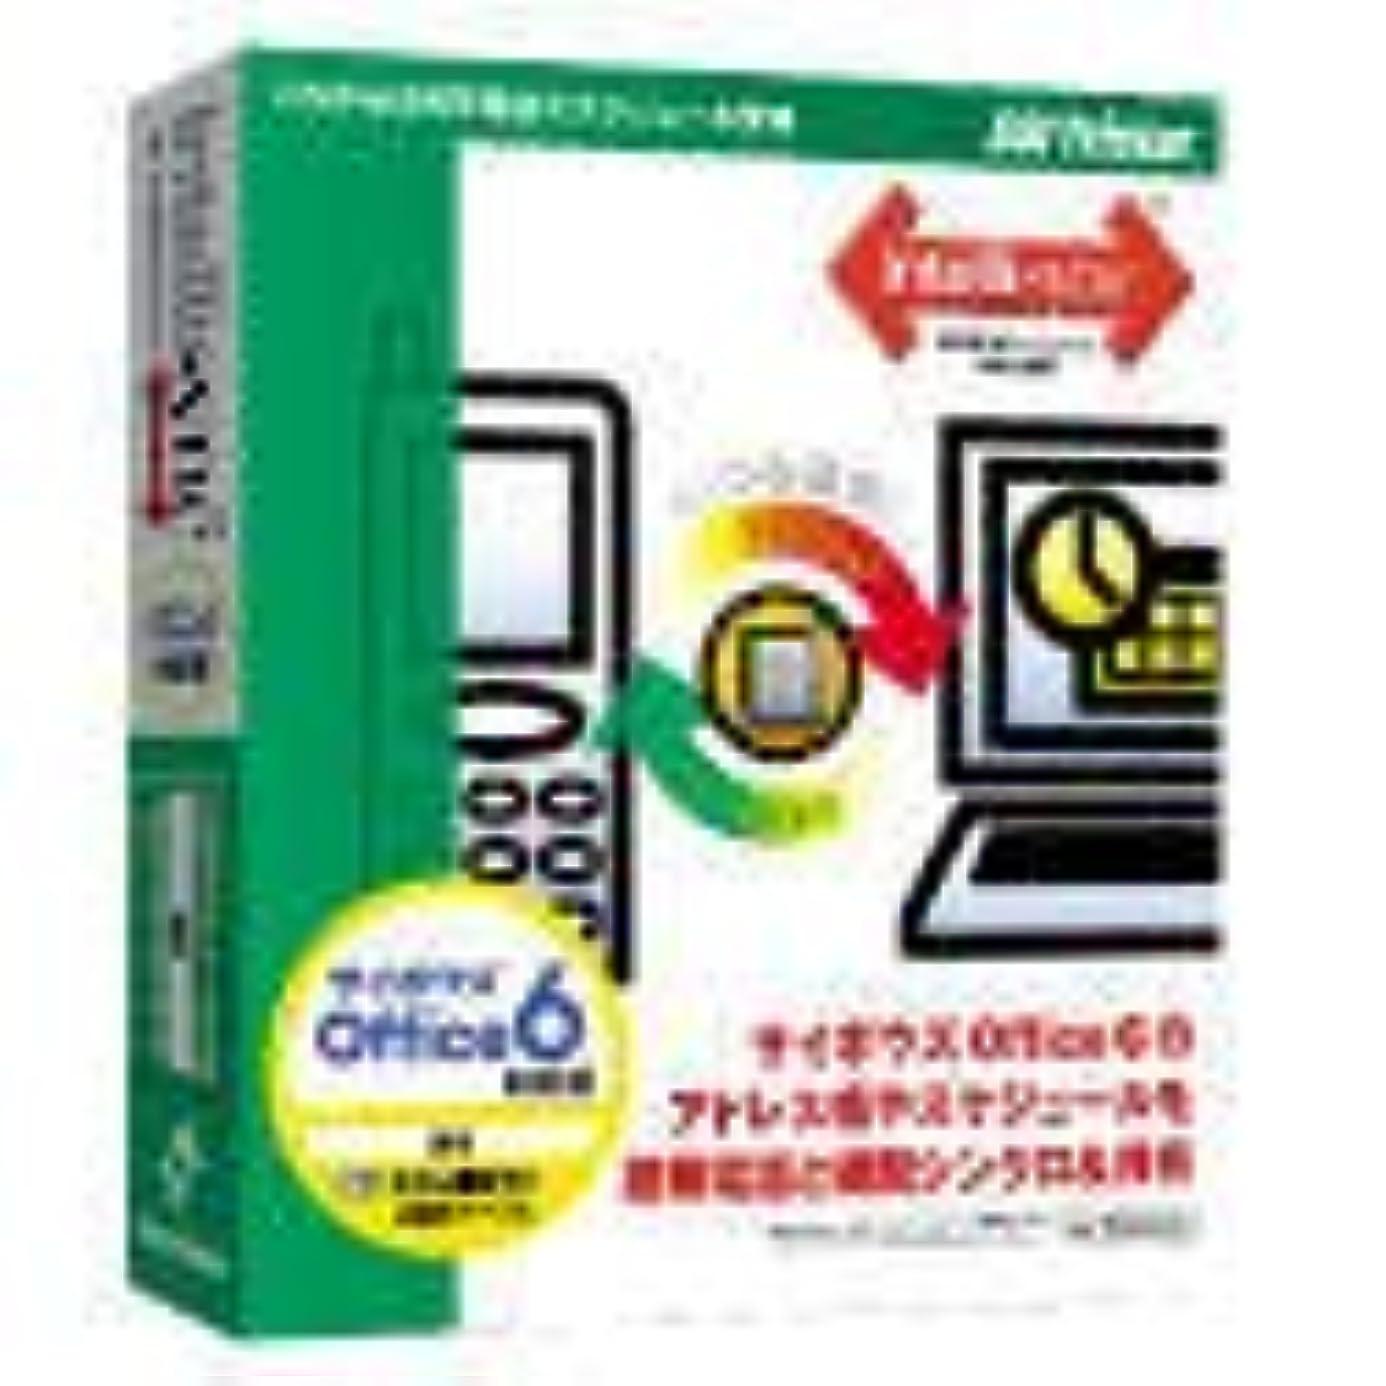 落胆した超高層ビルインサートIntellisync 5.2J サイボウズ Office 6 対応版 au用モデム機能付きUSBケーブル付属 for Windows